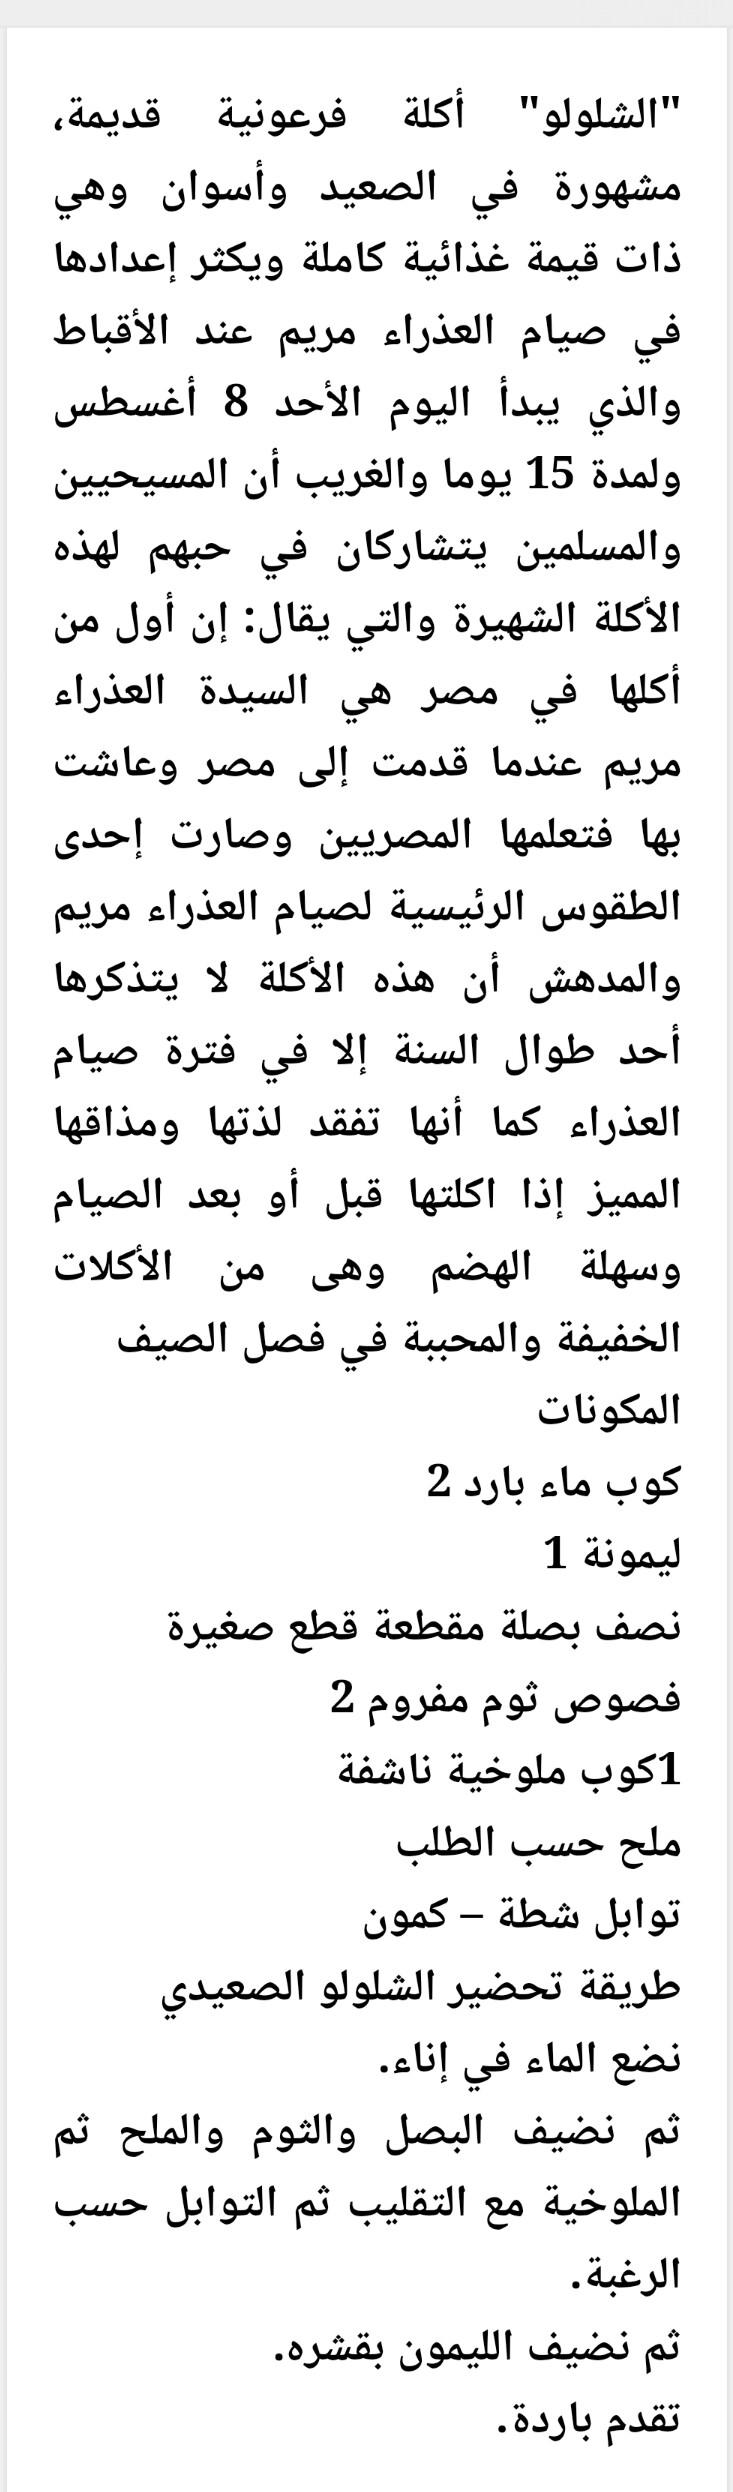 وصفة الشلولو المصرية #ملوخية #شلولو